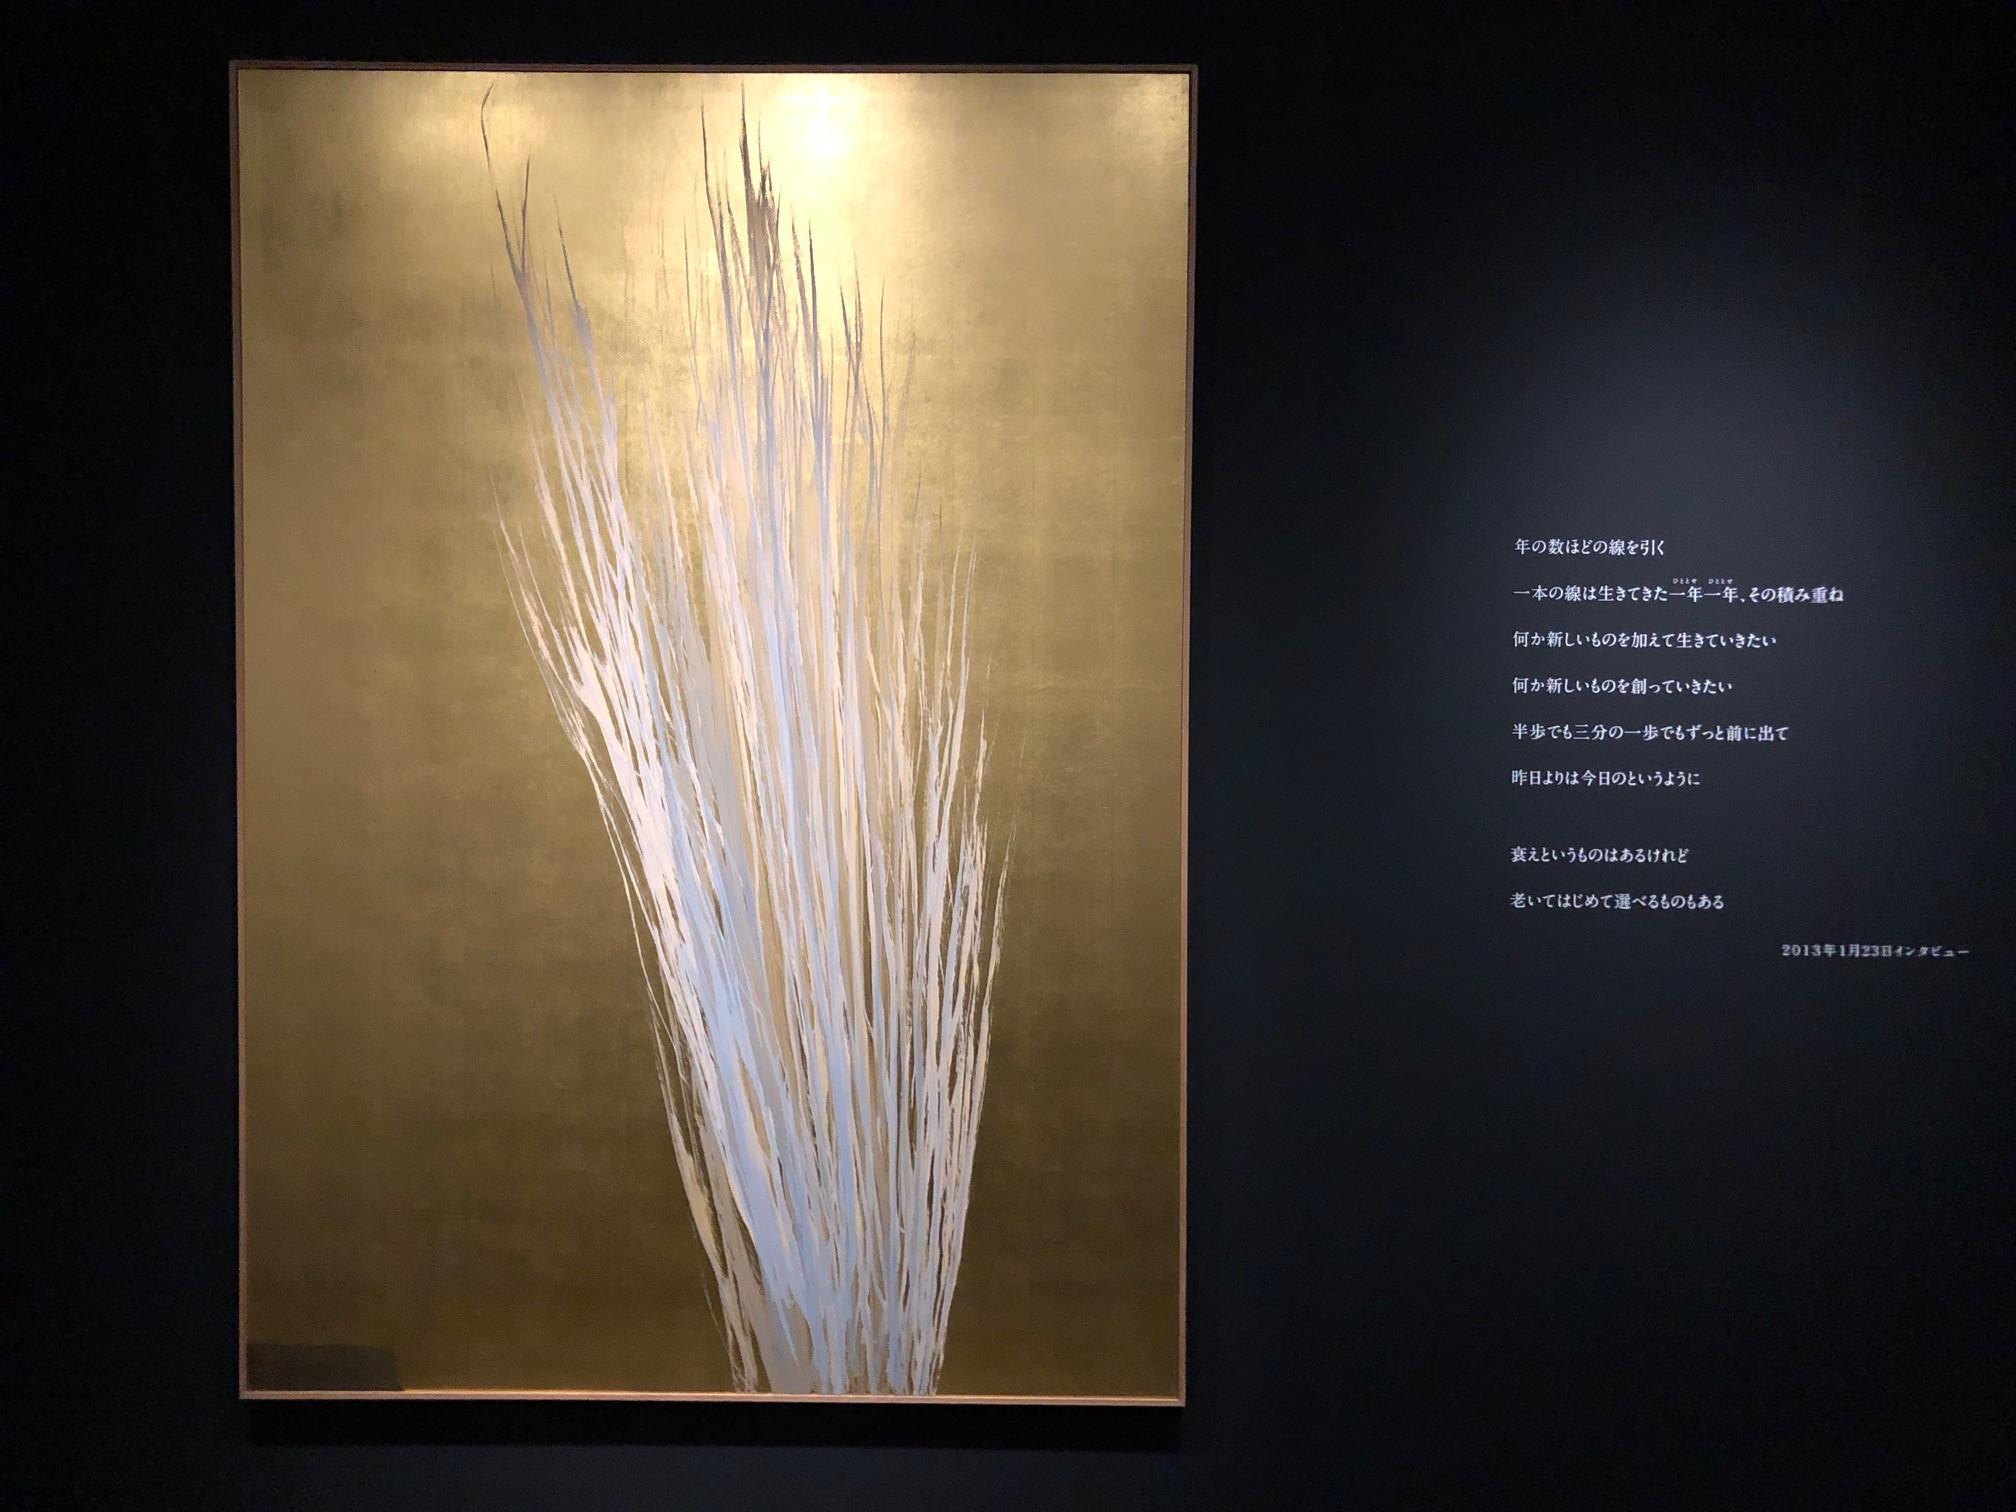 そごう美術館「篠田桃紅展」会場 第4章「永劫と響き合う一瞬のかたち 1990年代以降」